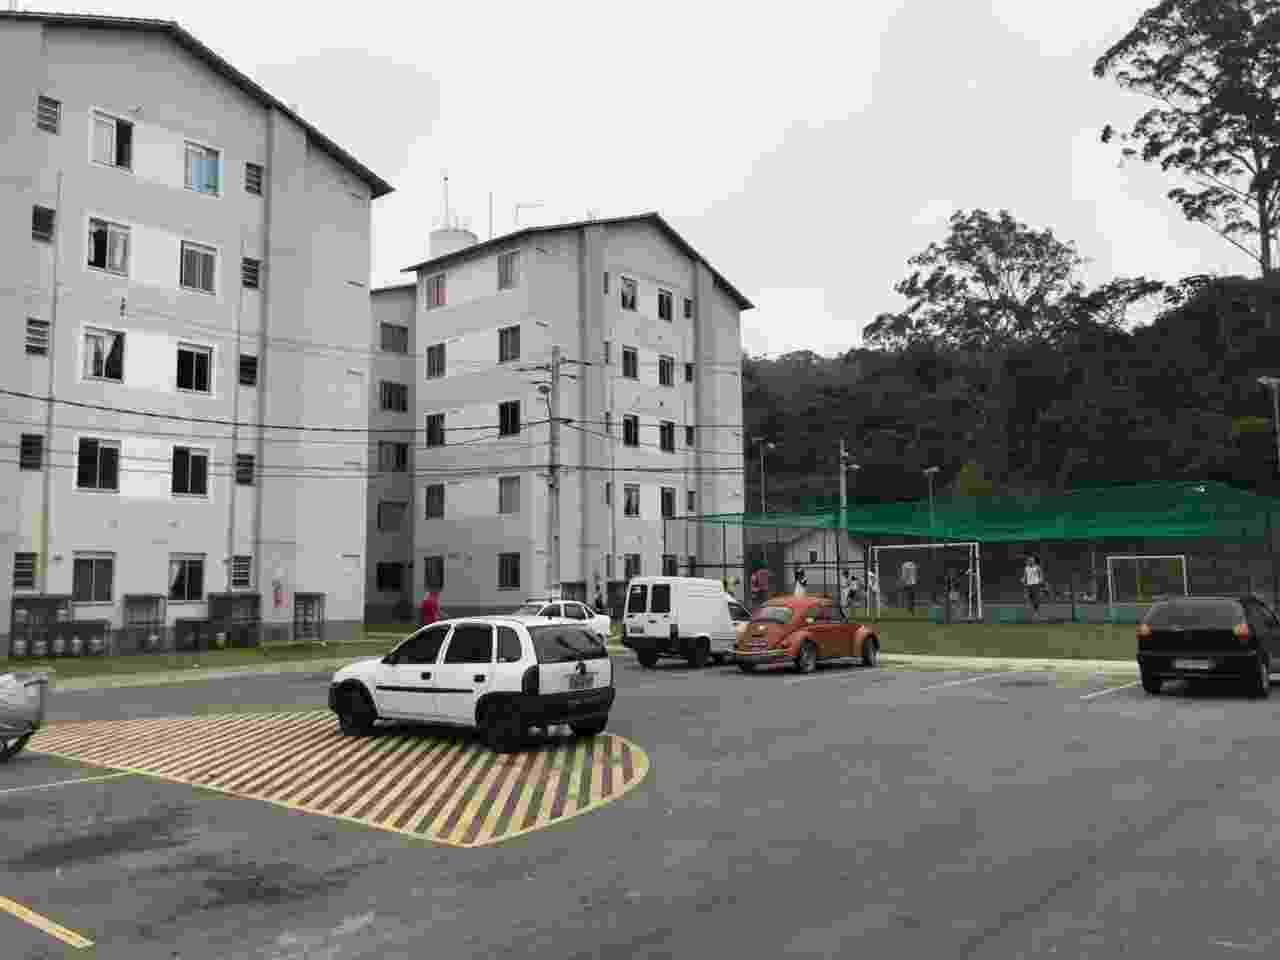 Área interna do condomínio construído patas as vítimas das chuvas de Teresópolis - Pedro Ivo Almeida/UOL